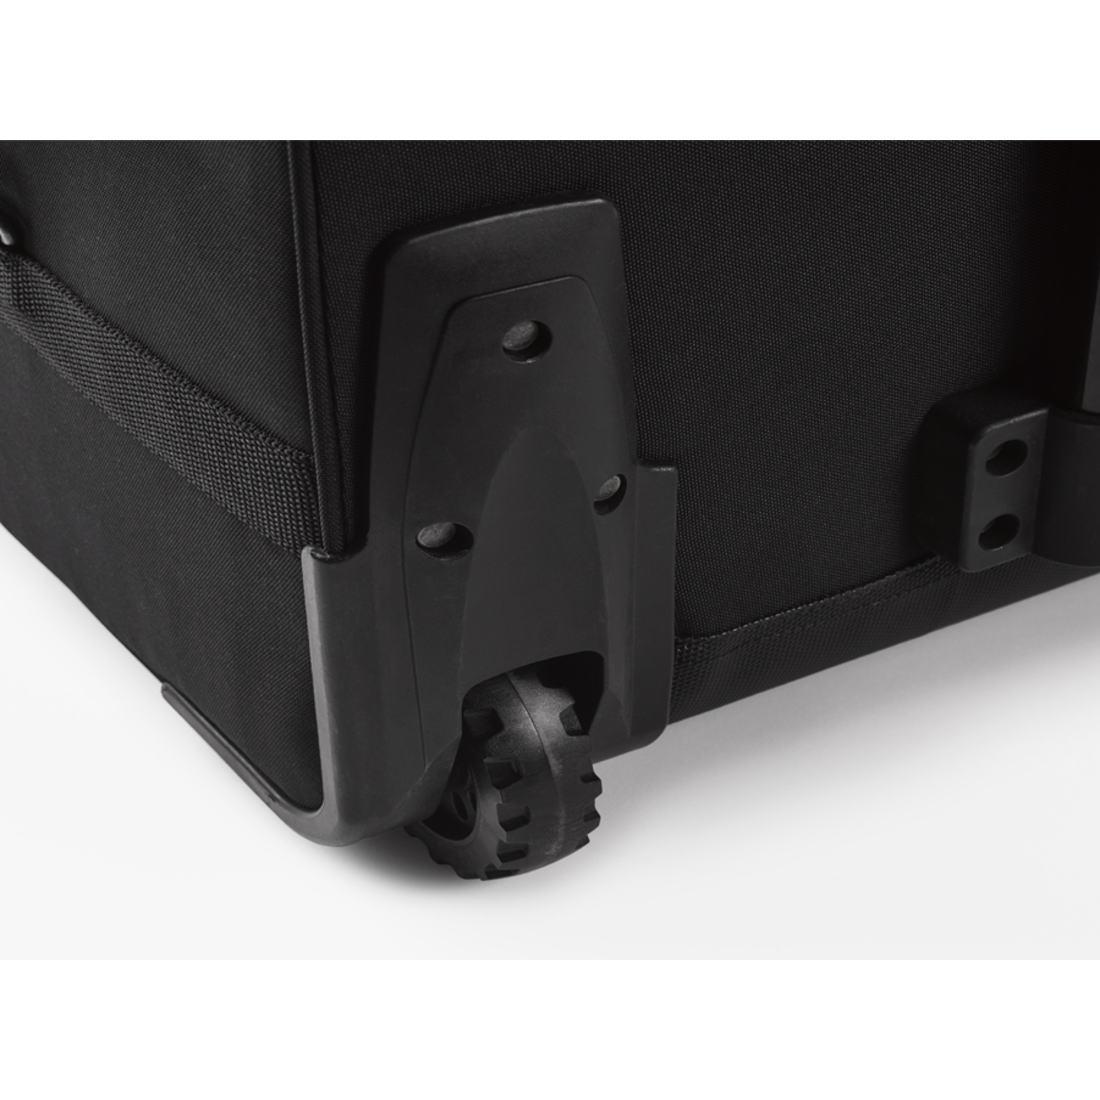 ベアボーンズ リビング ソフトクーラー ポーター 保冷バック  国内正規品